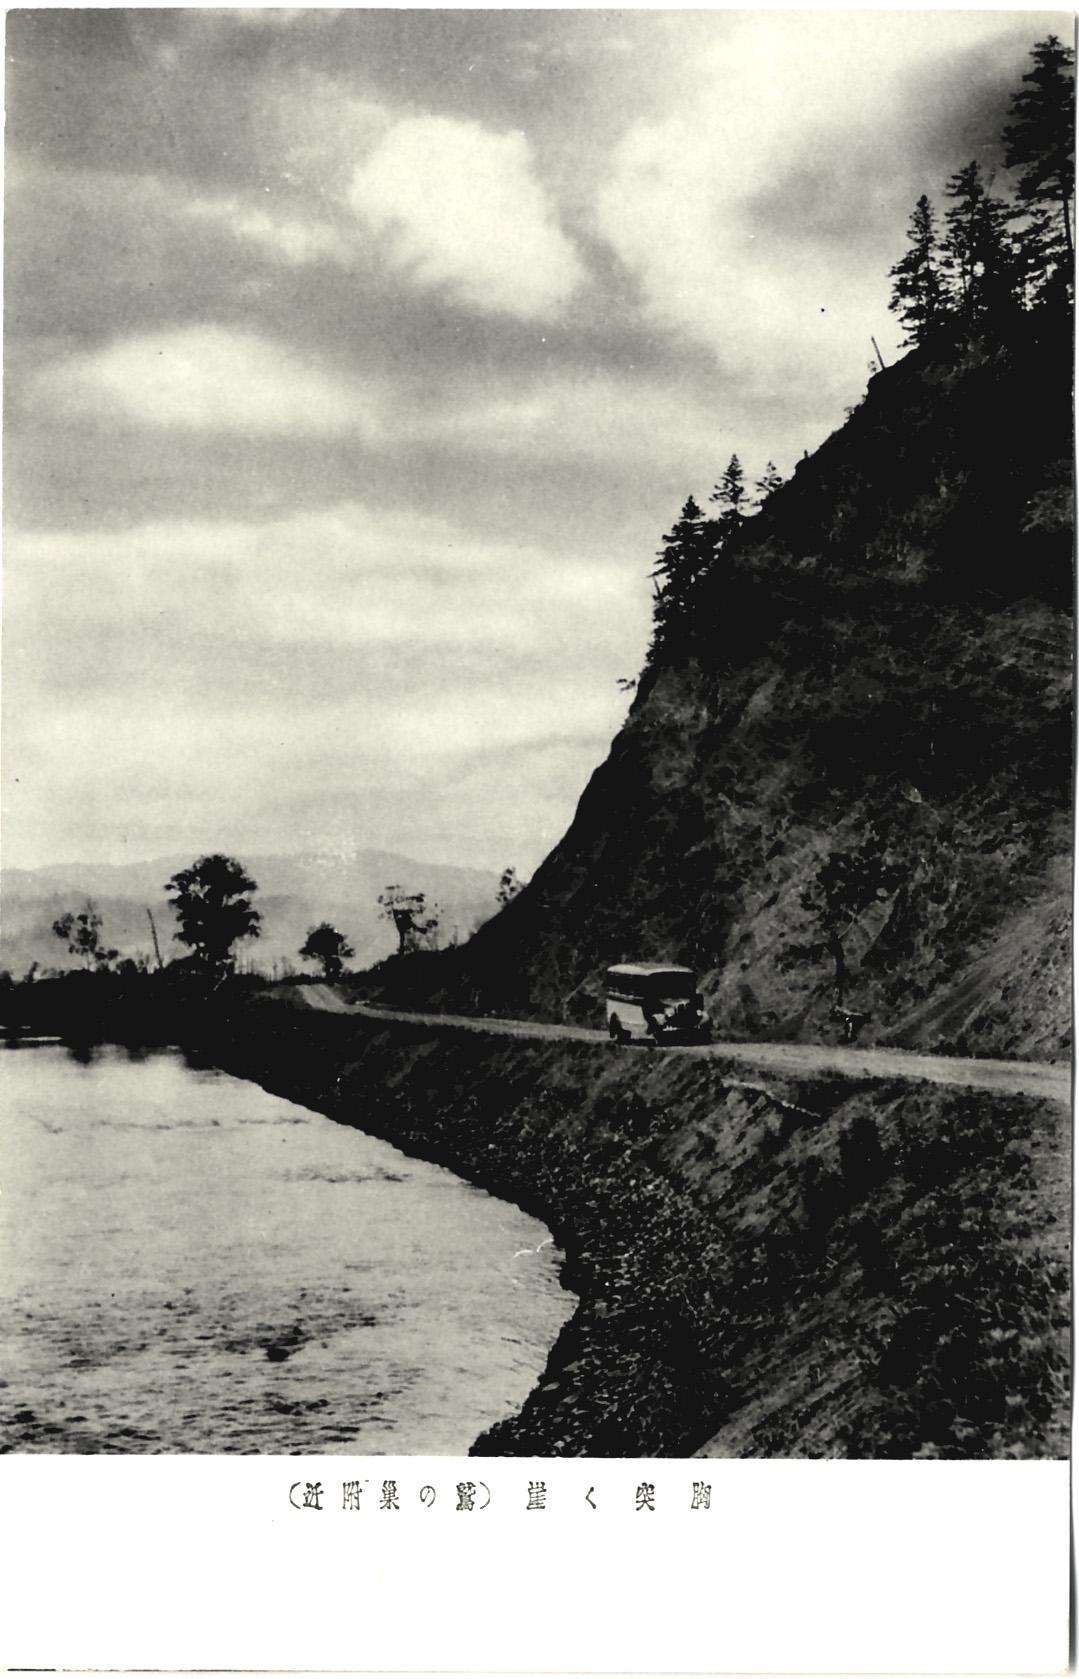 Дорога в поселок Отоё (Огоньки), рядом речка Рутака